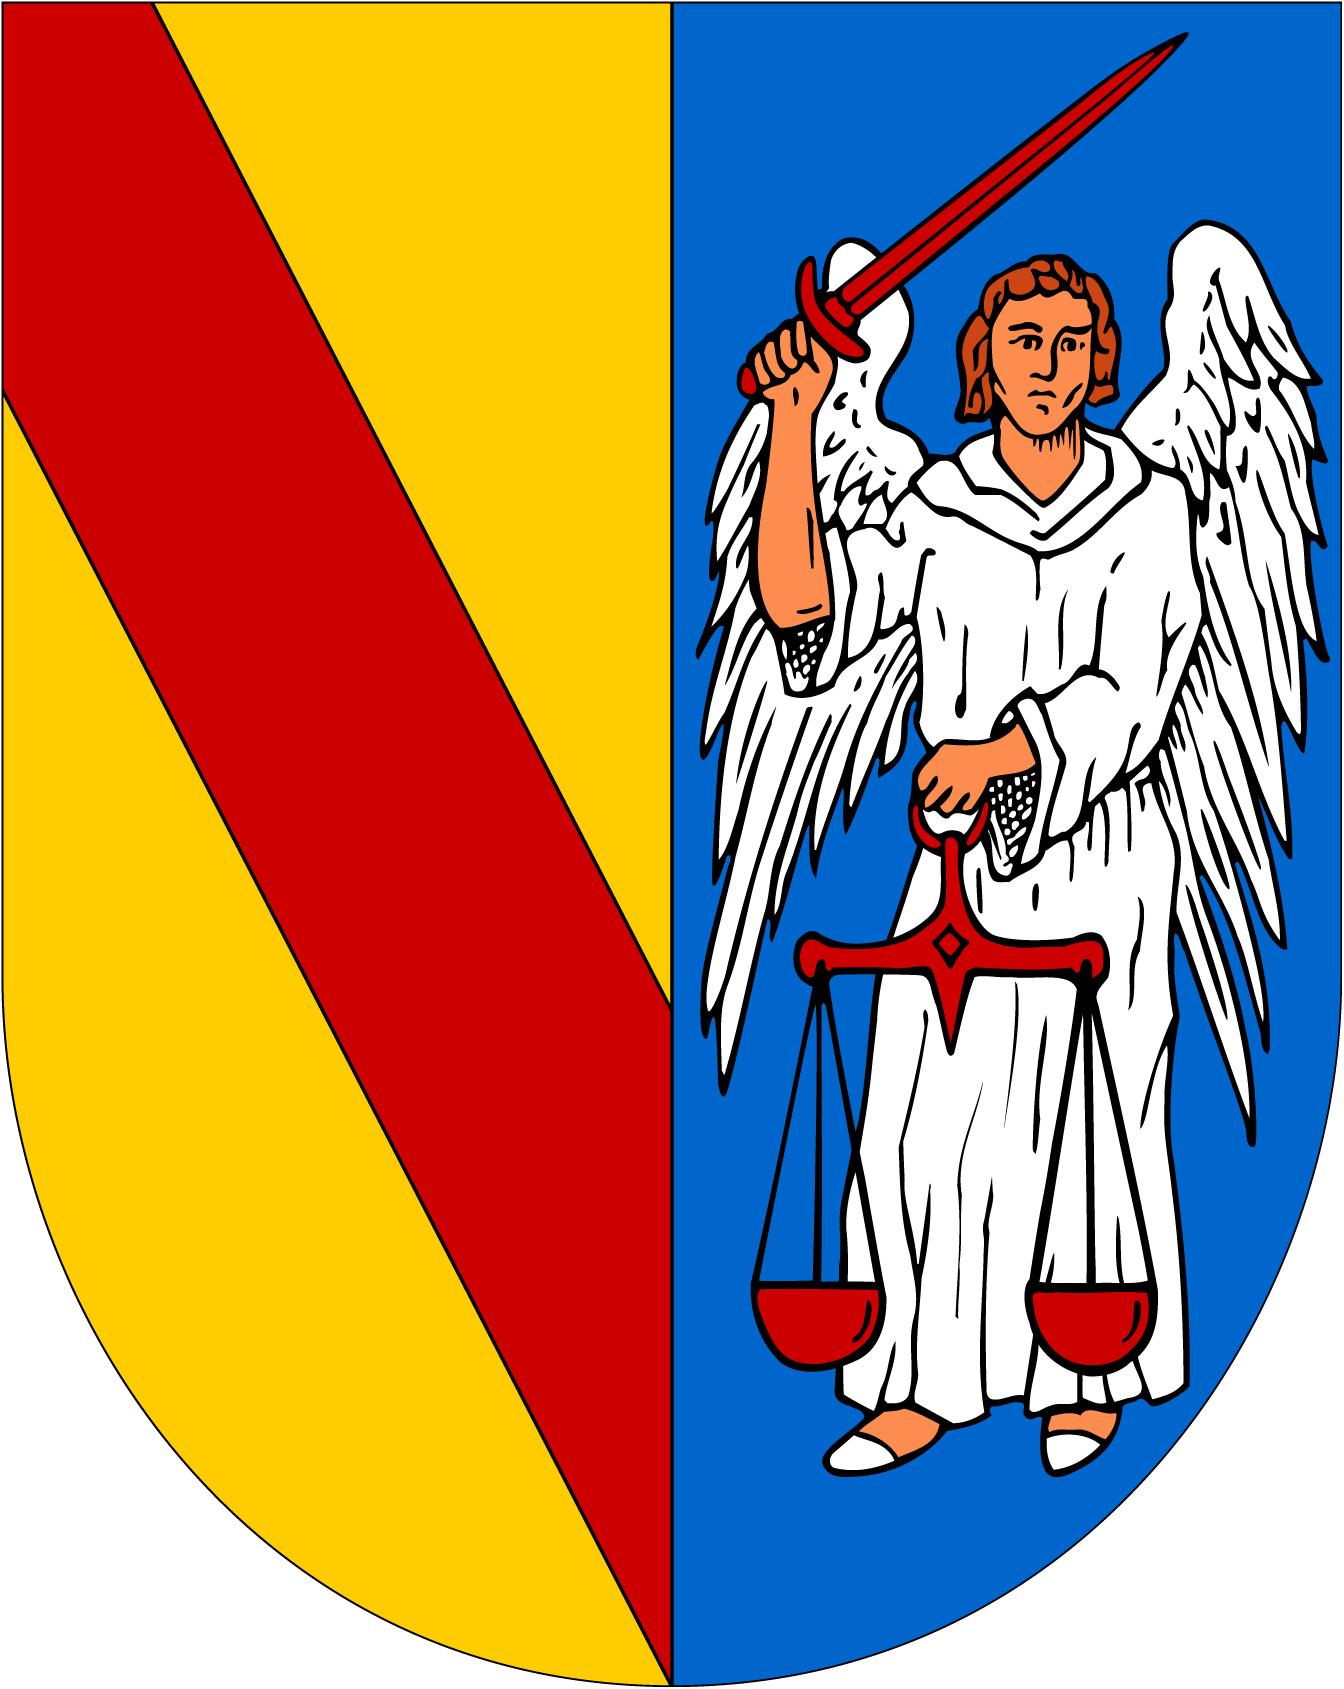 Wappen der Stadt Schopfheim (c) Stadt Schopfheim